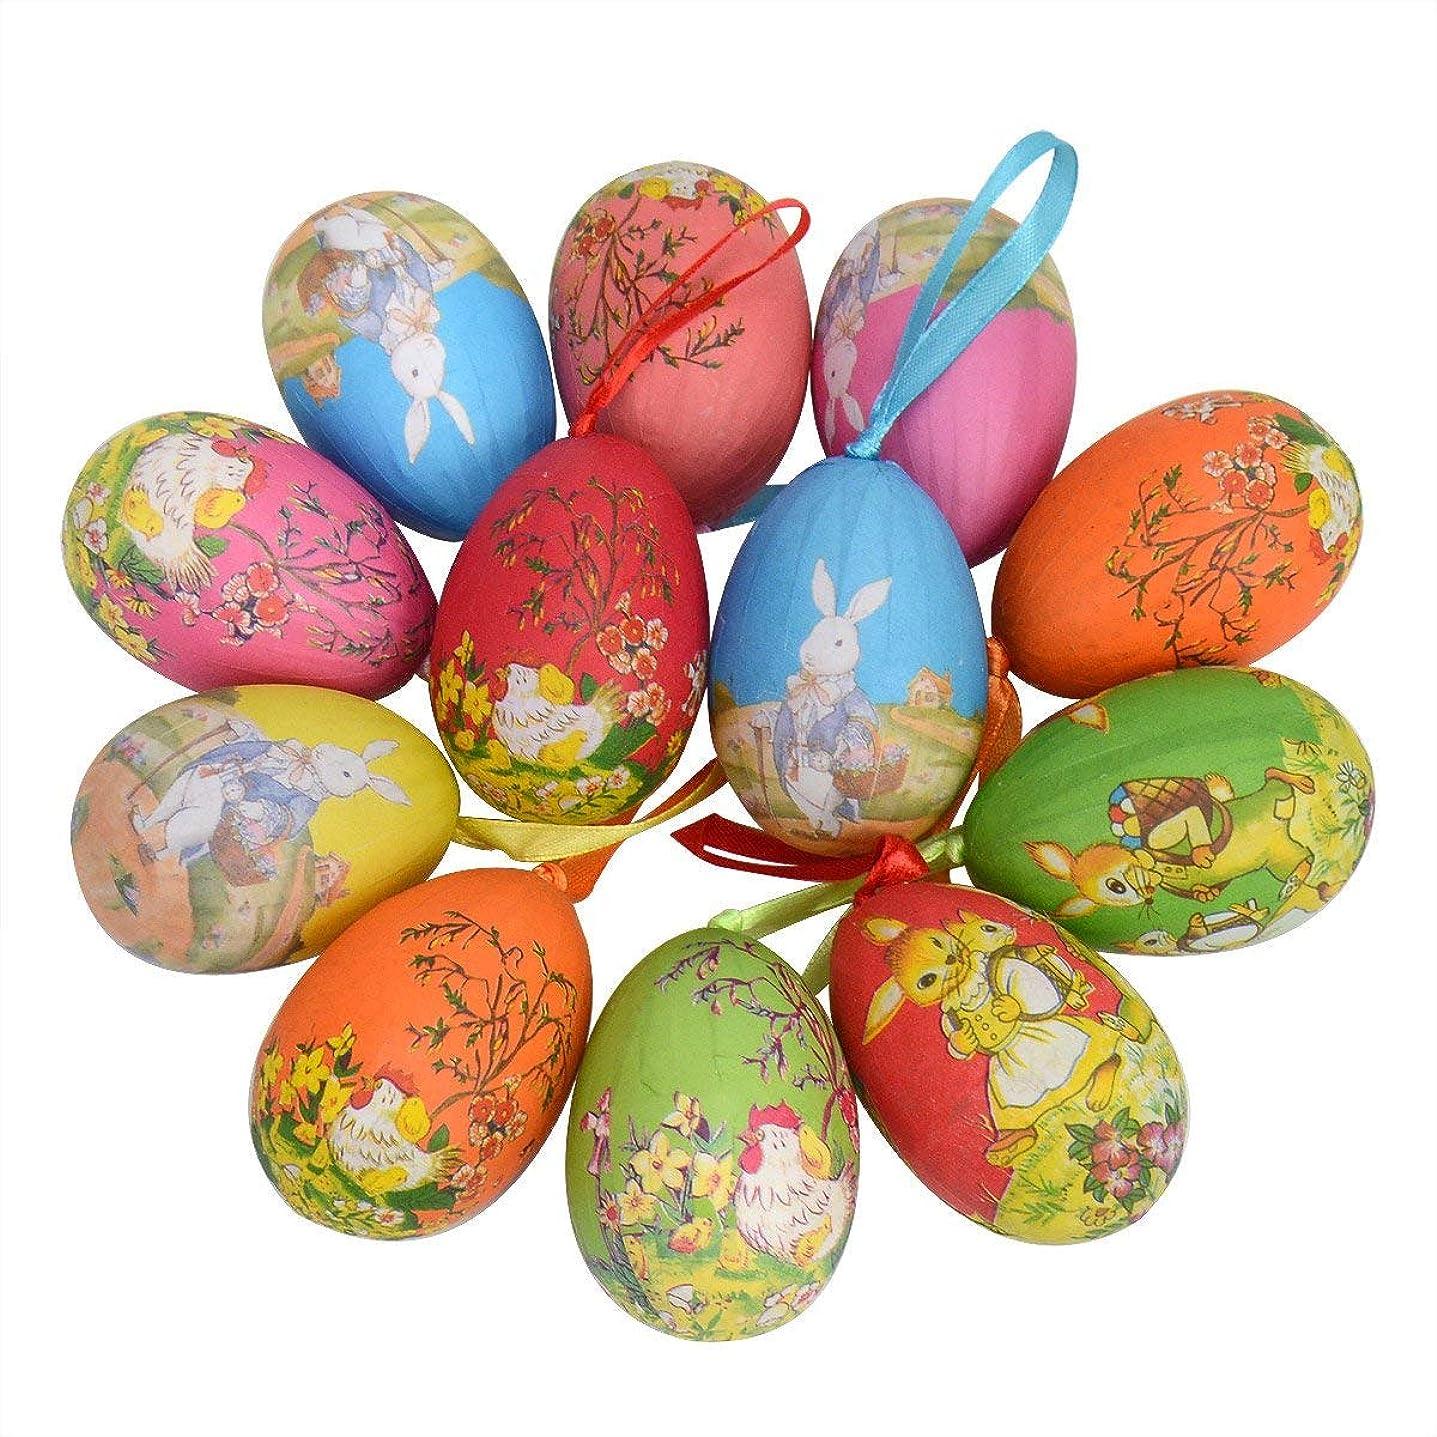 準備したがっかりする印象的YIGO イースターエッグ イースター色の卵 可愛い 装飾 おままごと たまご 工芸品 おもちゃ 装飾卵 春のファッション 復活祭 インテリア 飾り 装飾 季節 12個入り